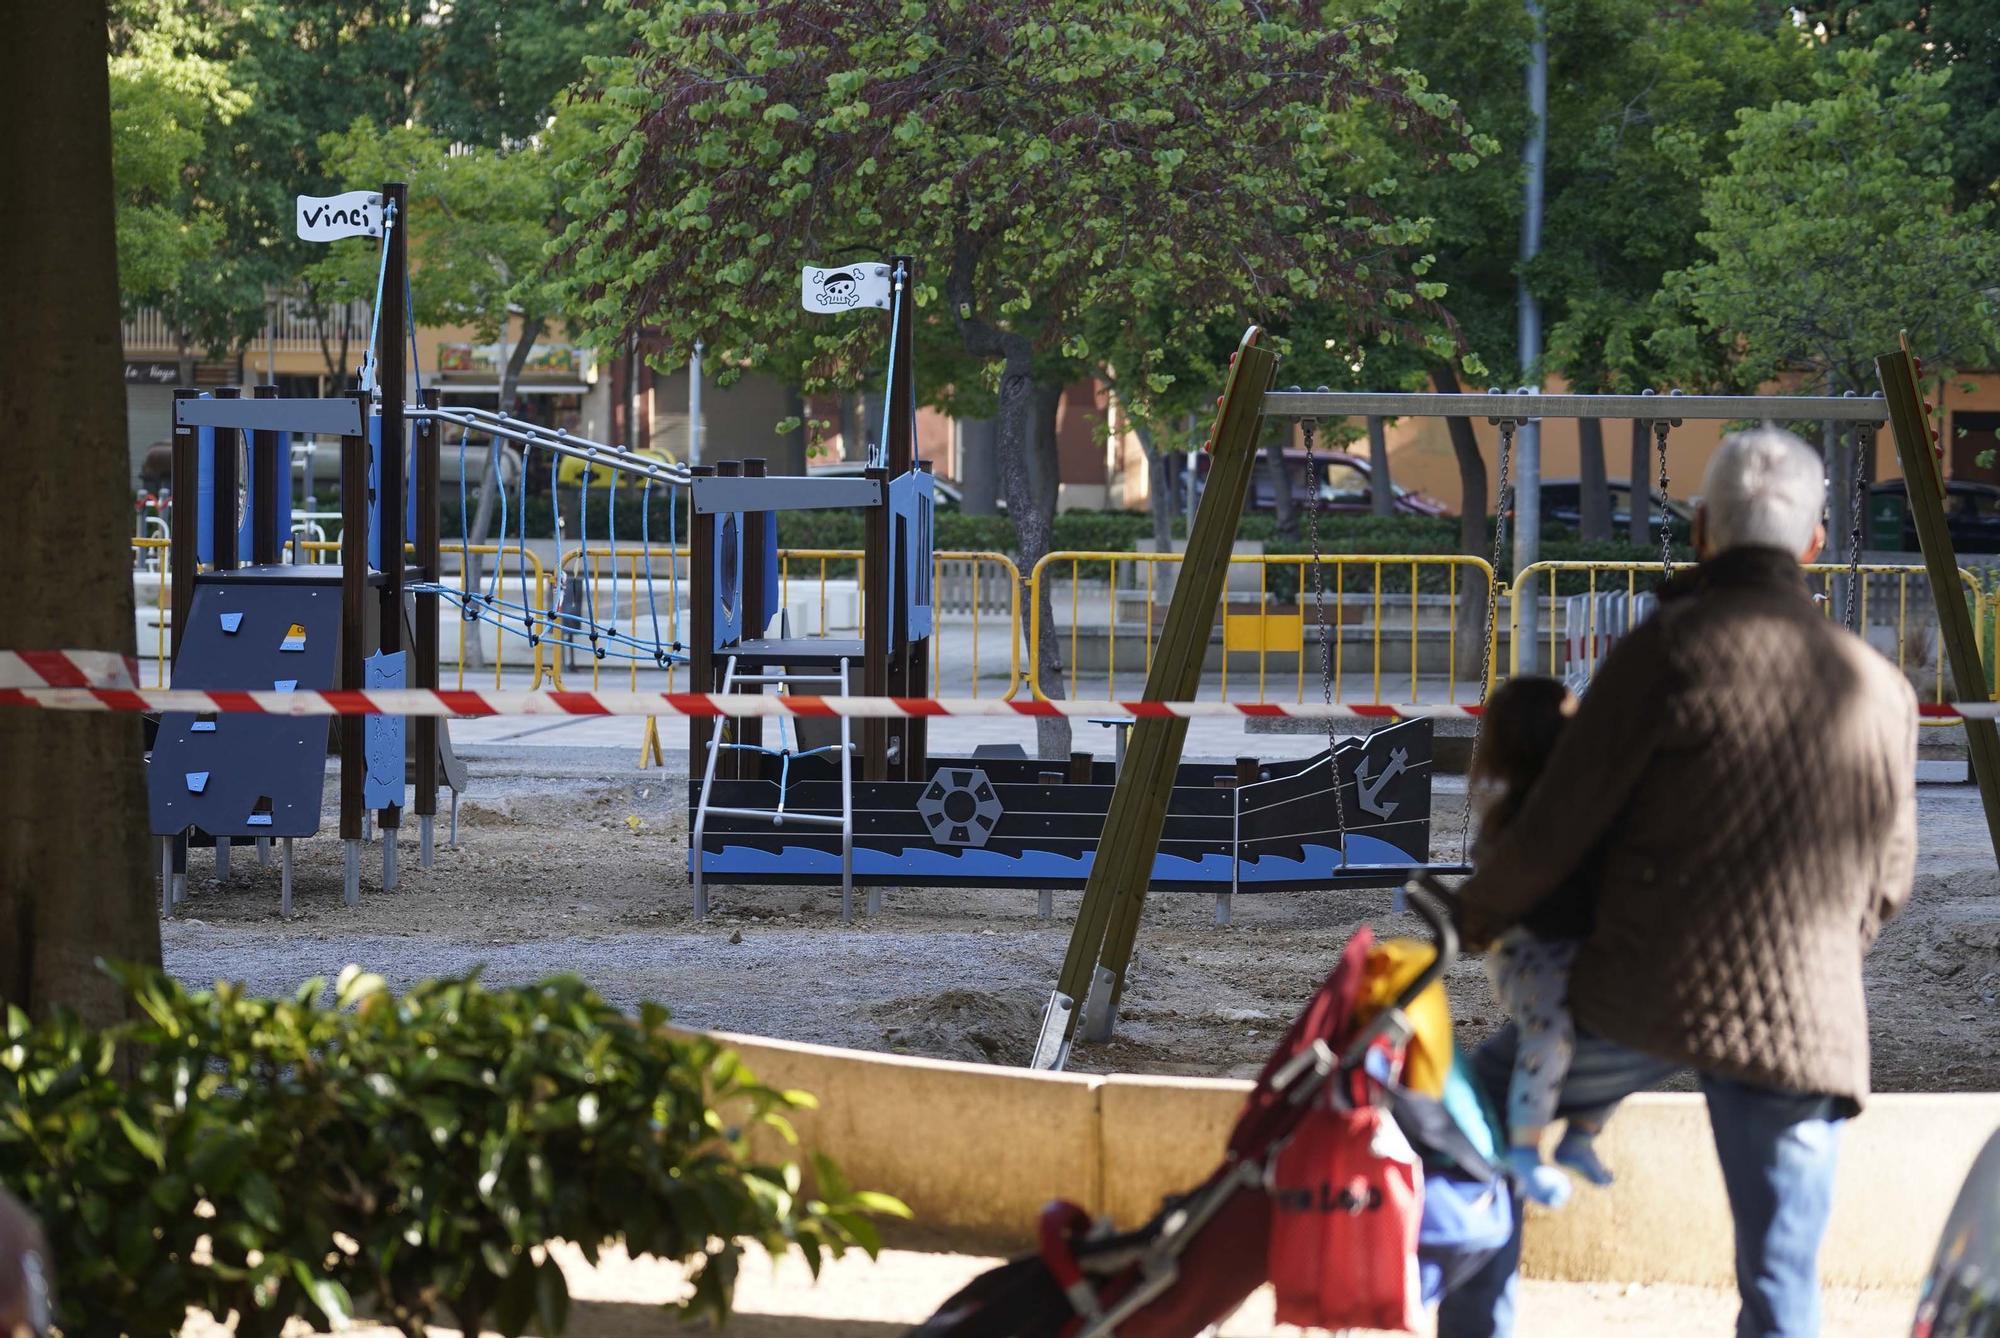 Revol pel nou vaixell de la plaça de Santa Eugènia